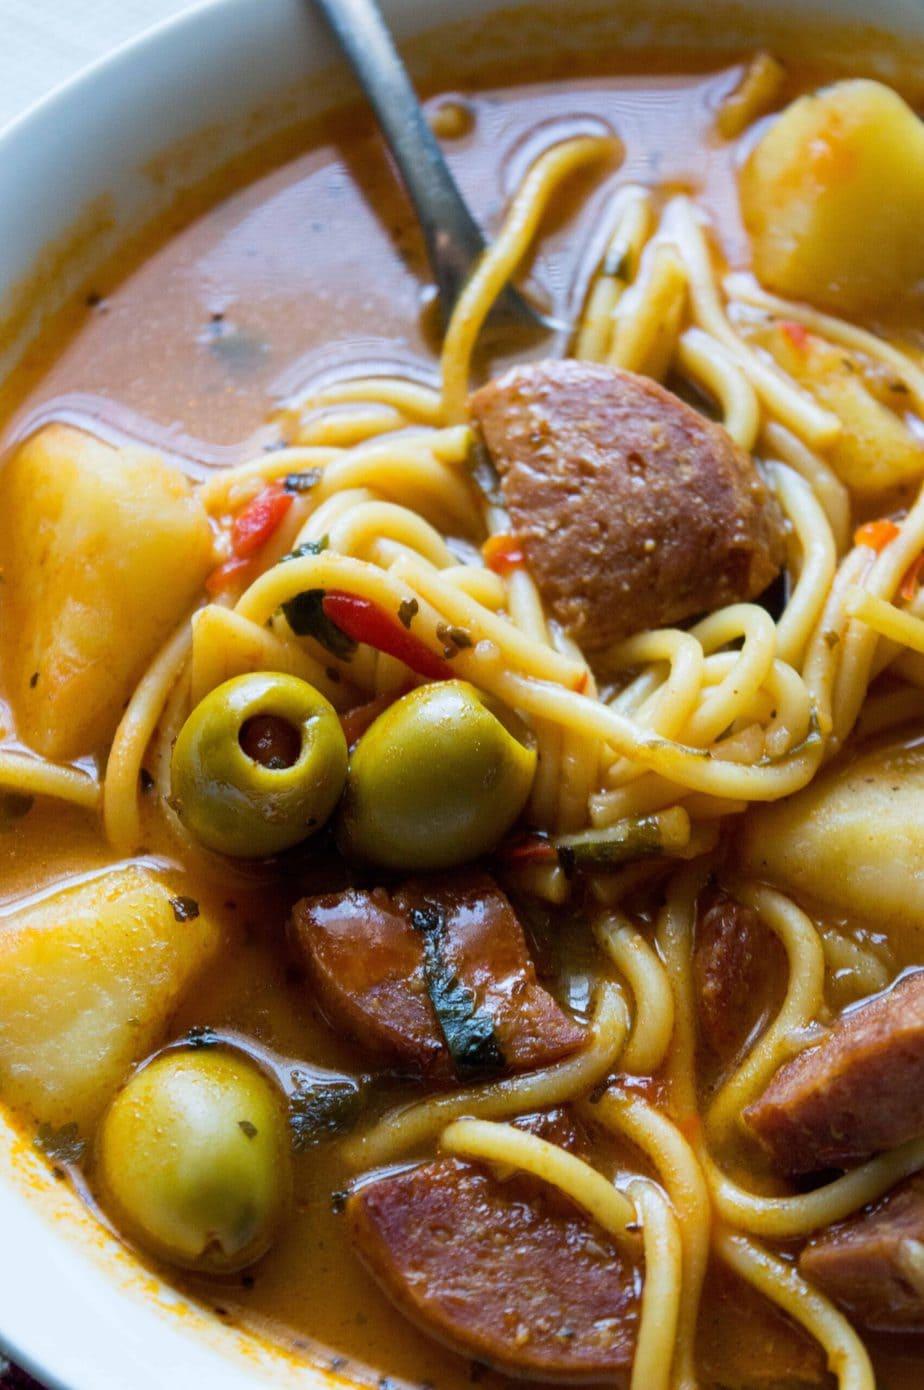 Homemade Puerto Rican Salami Soup | Sopa de Salchichon estilo Boricua